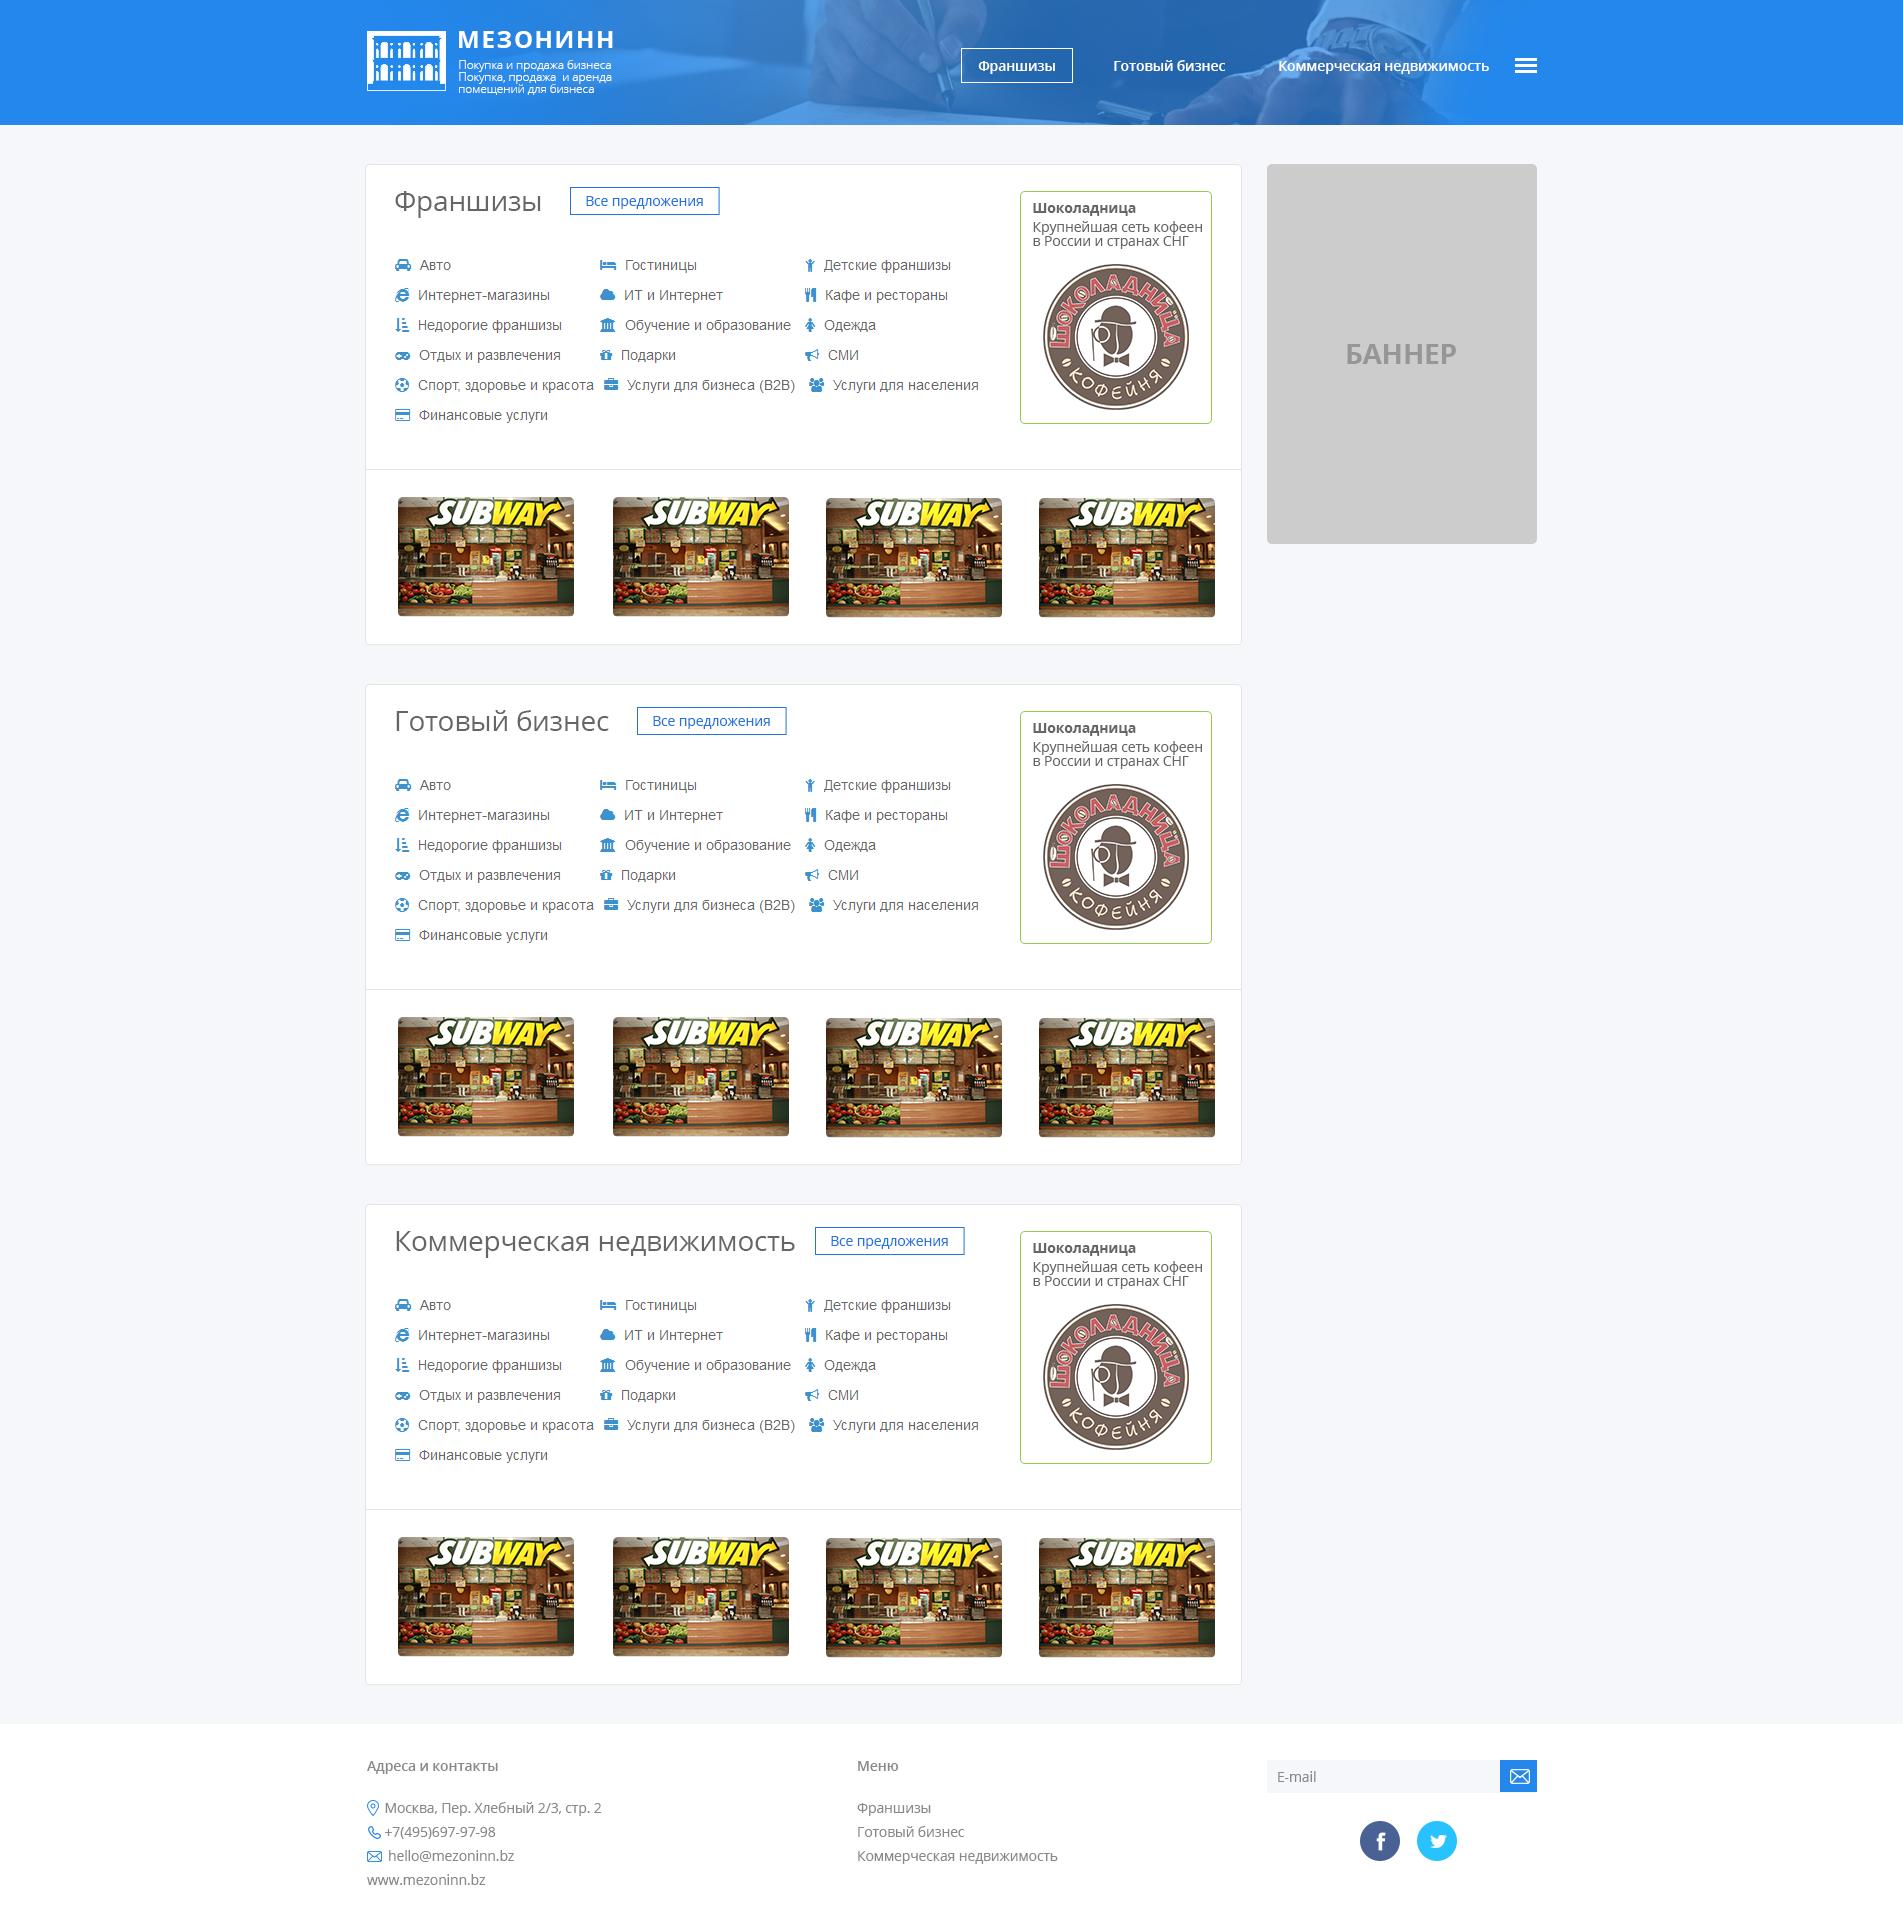 Доработать дизайн главной страницы сайта фото f_773574b4c8b8c032.png